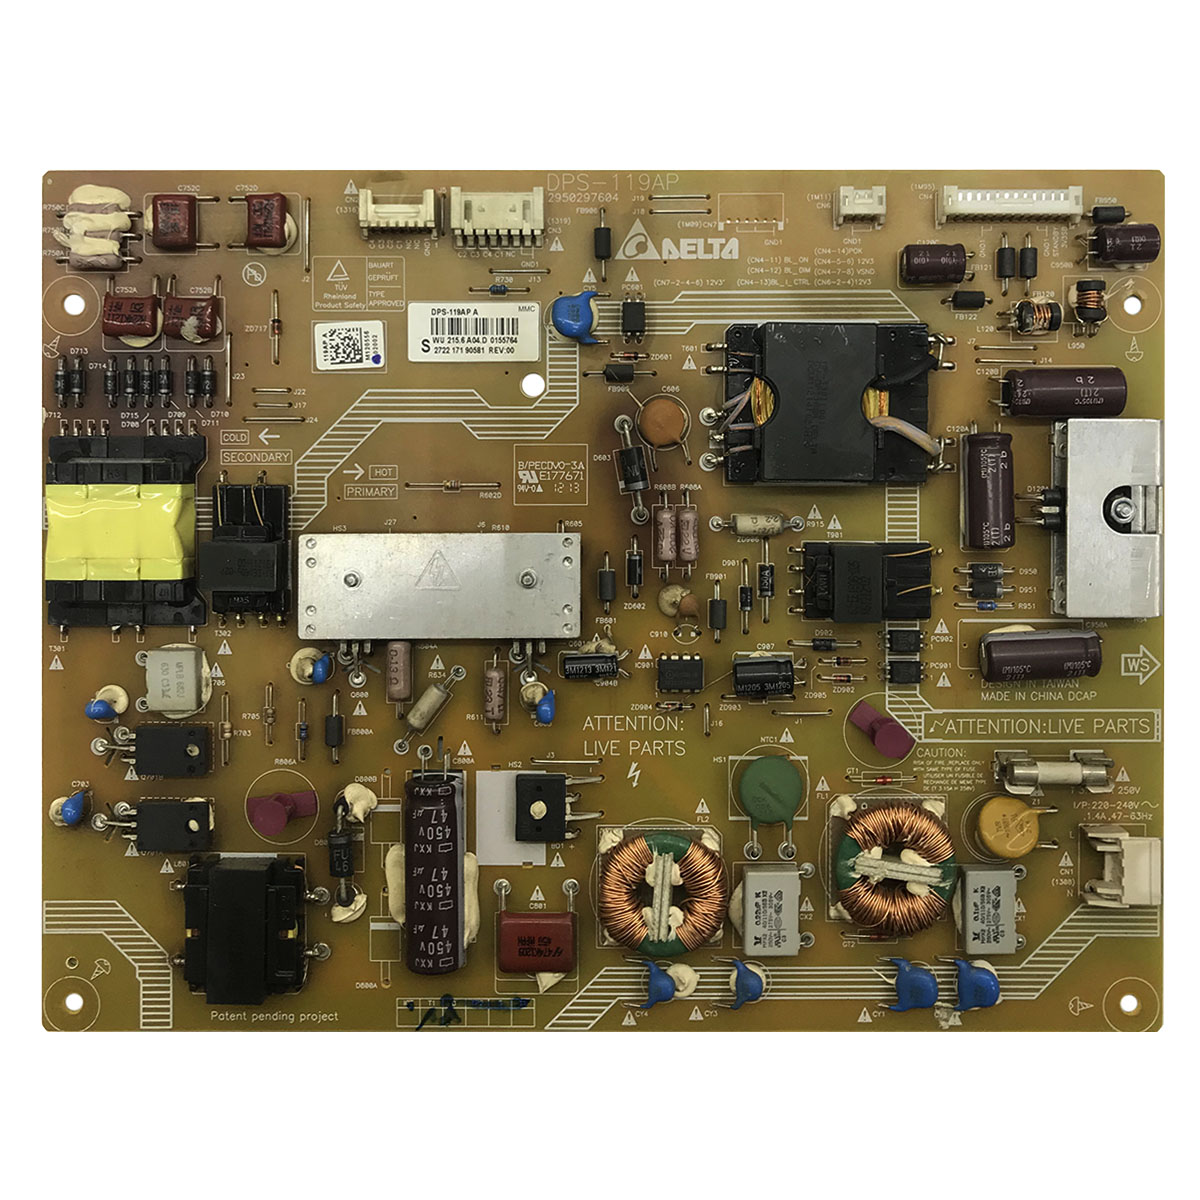 Блок питания DPS-119AP для Philips 40PFL5527T/60, 40PFL5007T/60, 40PFL5507T/60